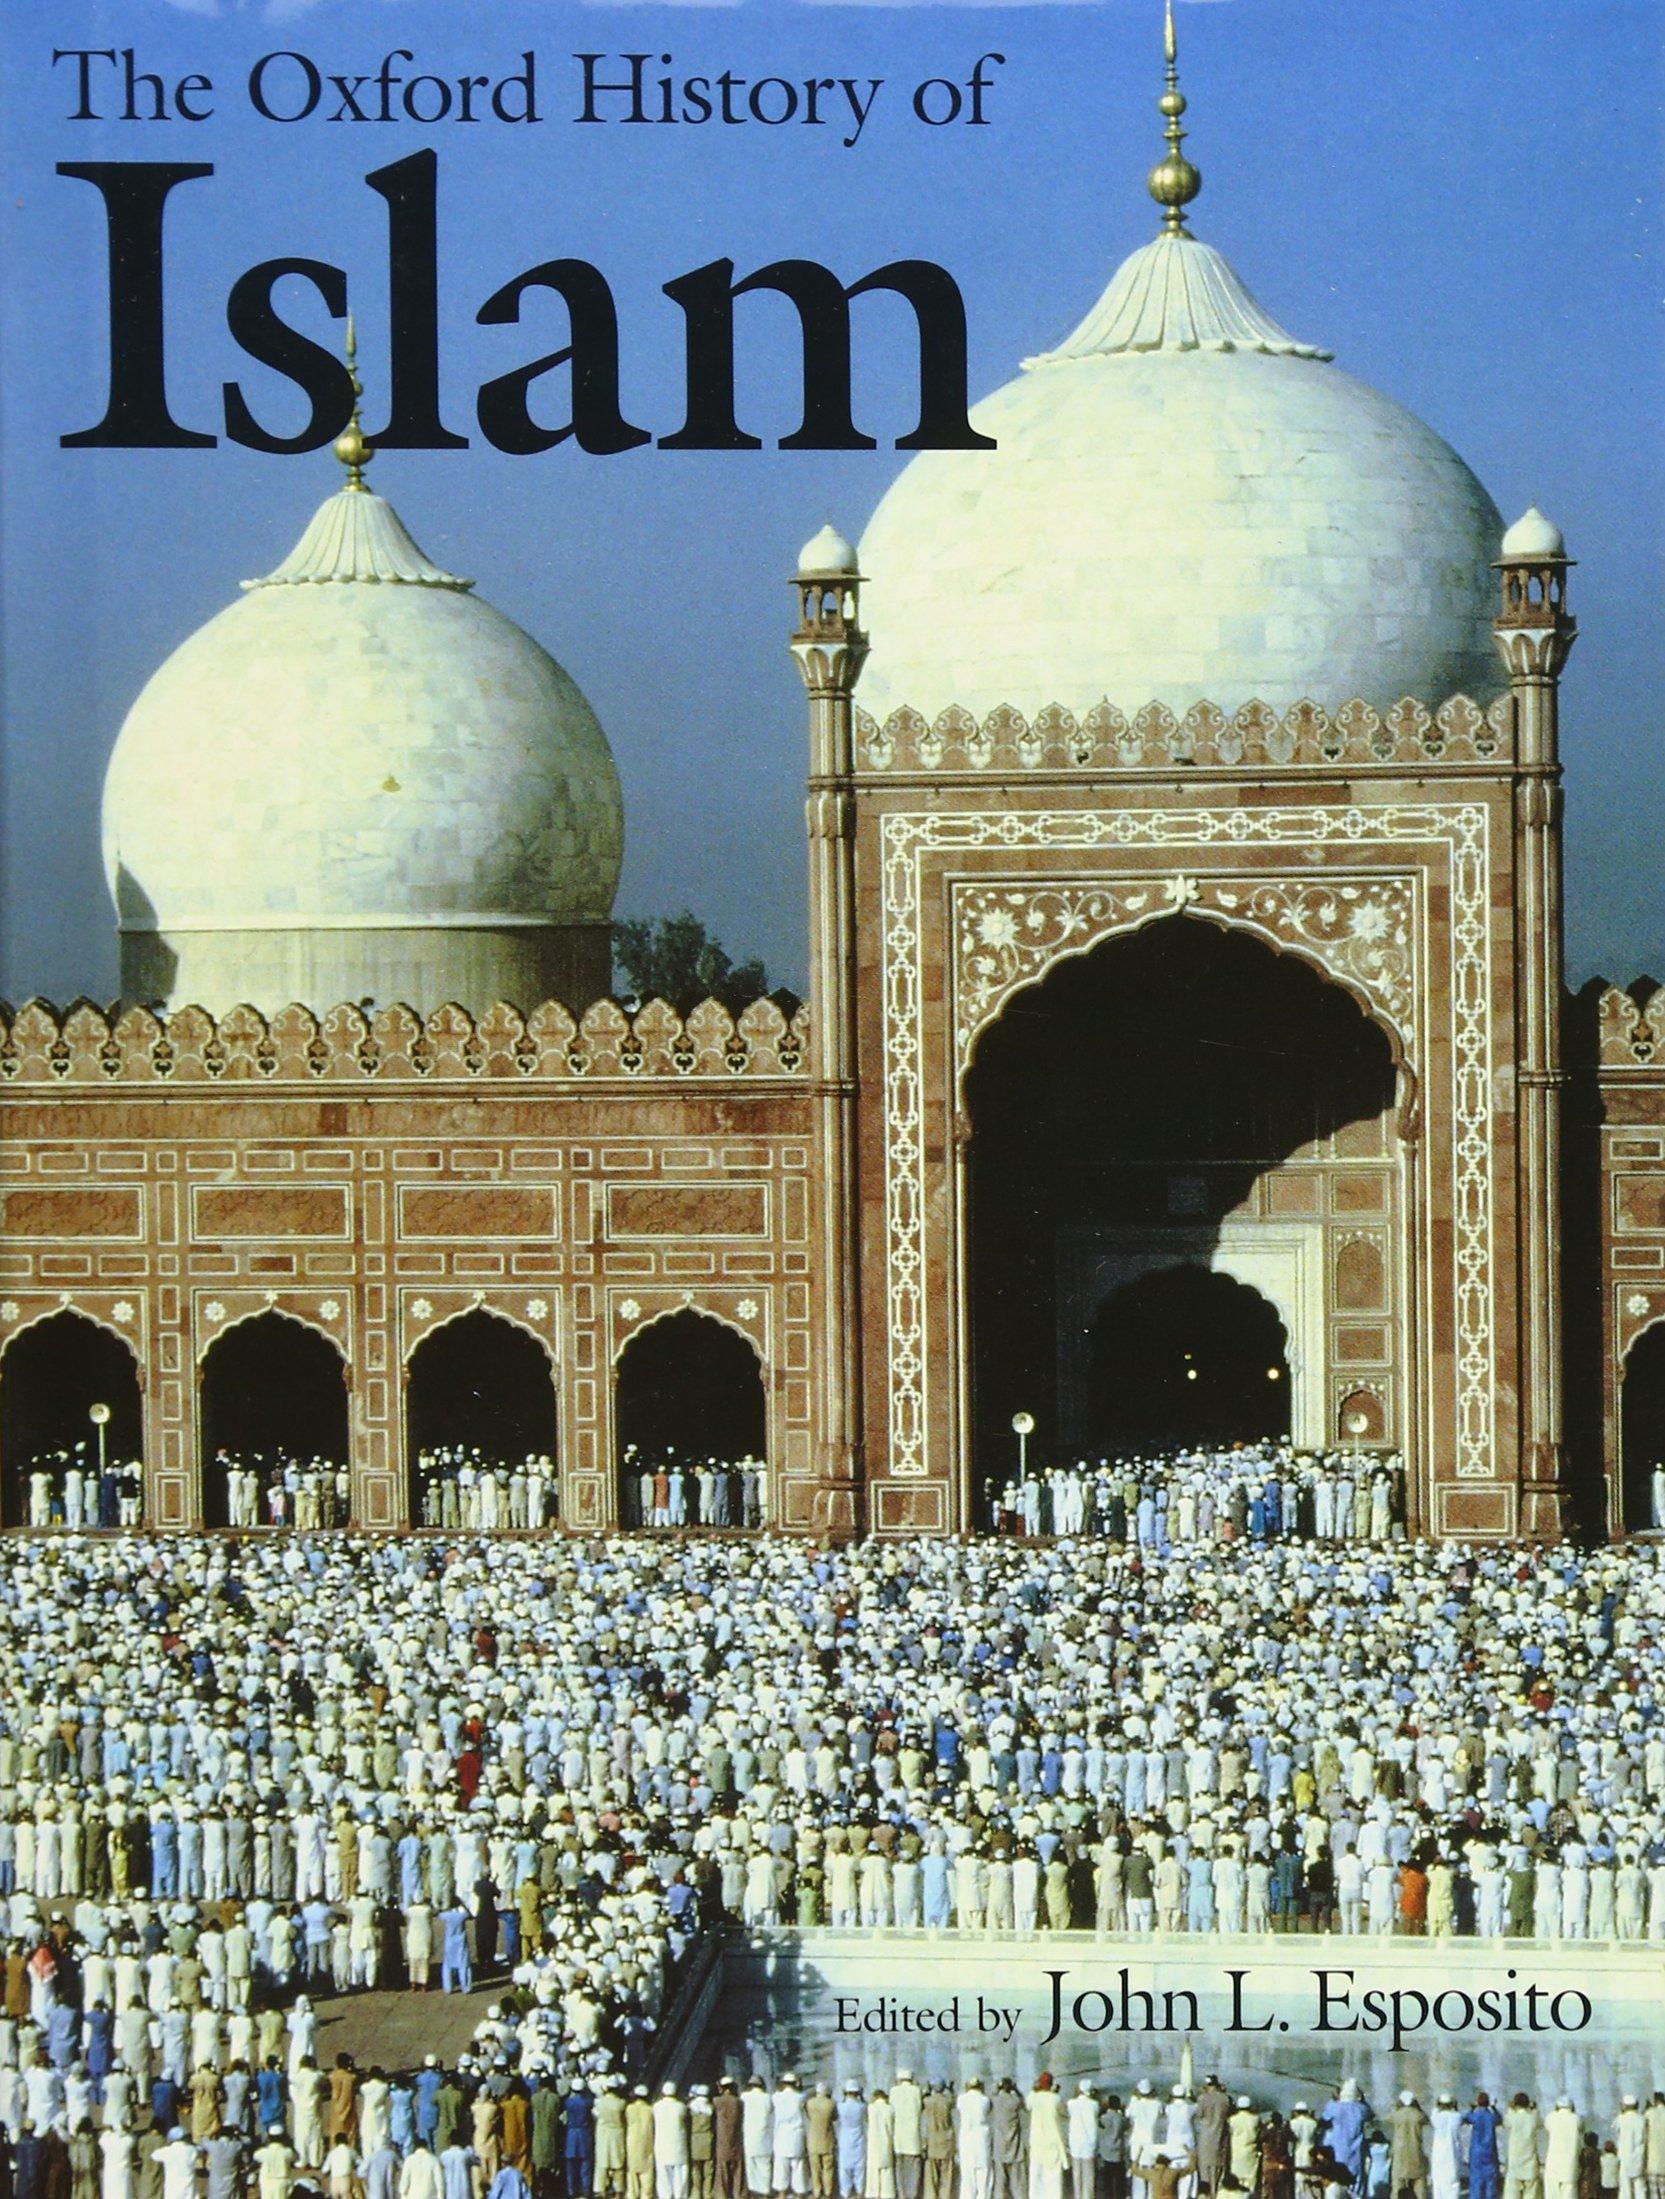 The Oxford History of Islam: John L  Esposito: 9780195107999